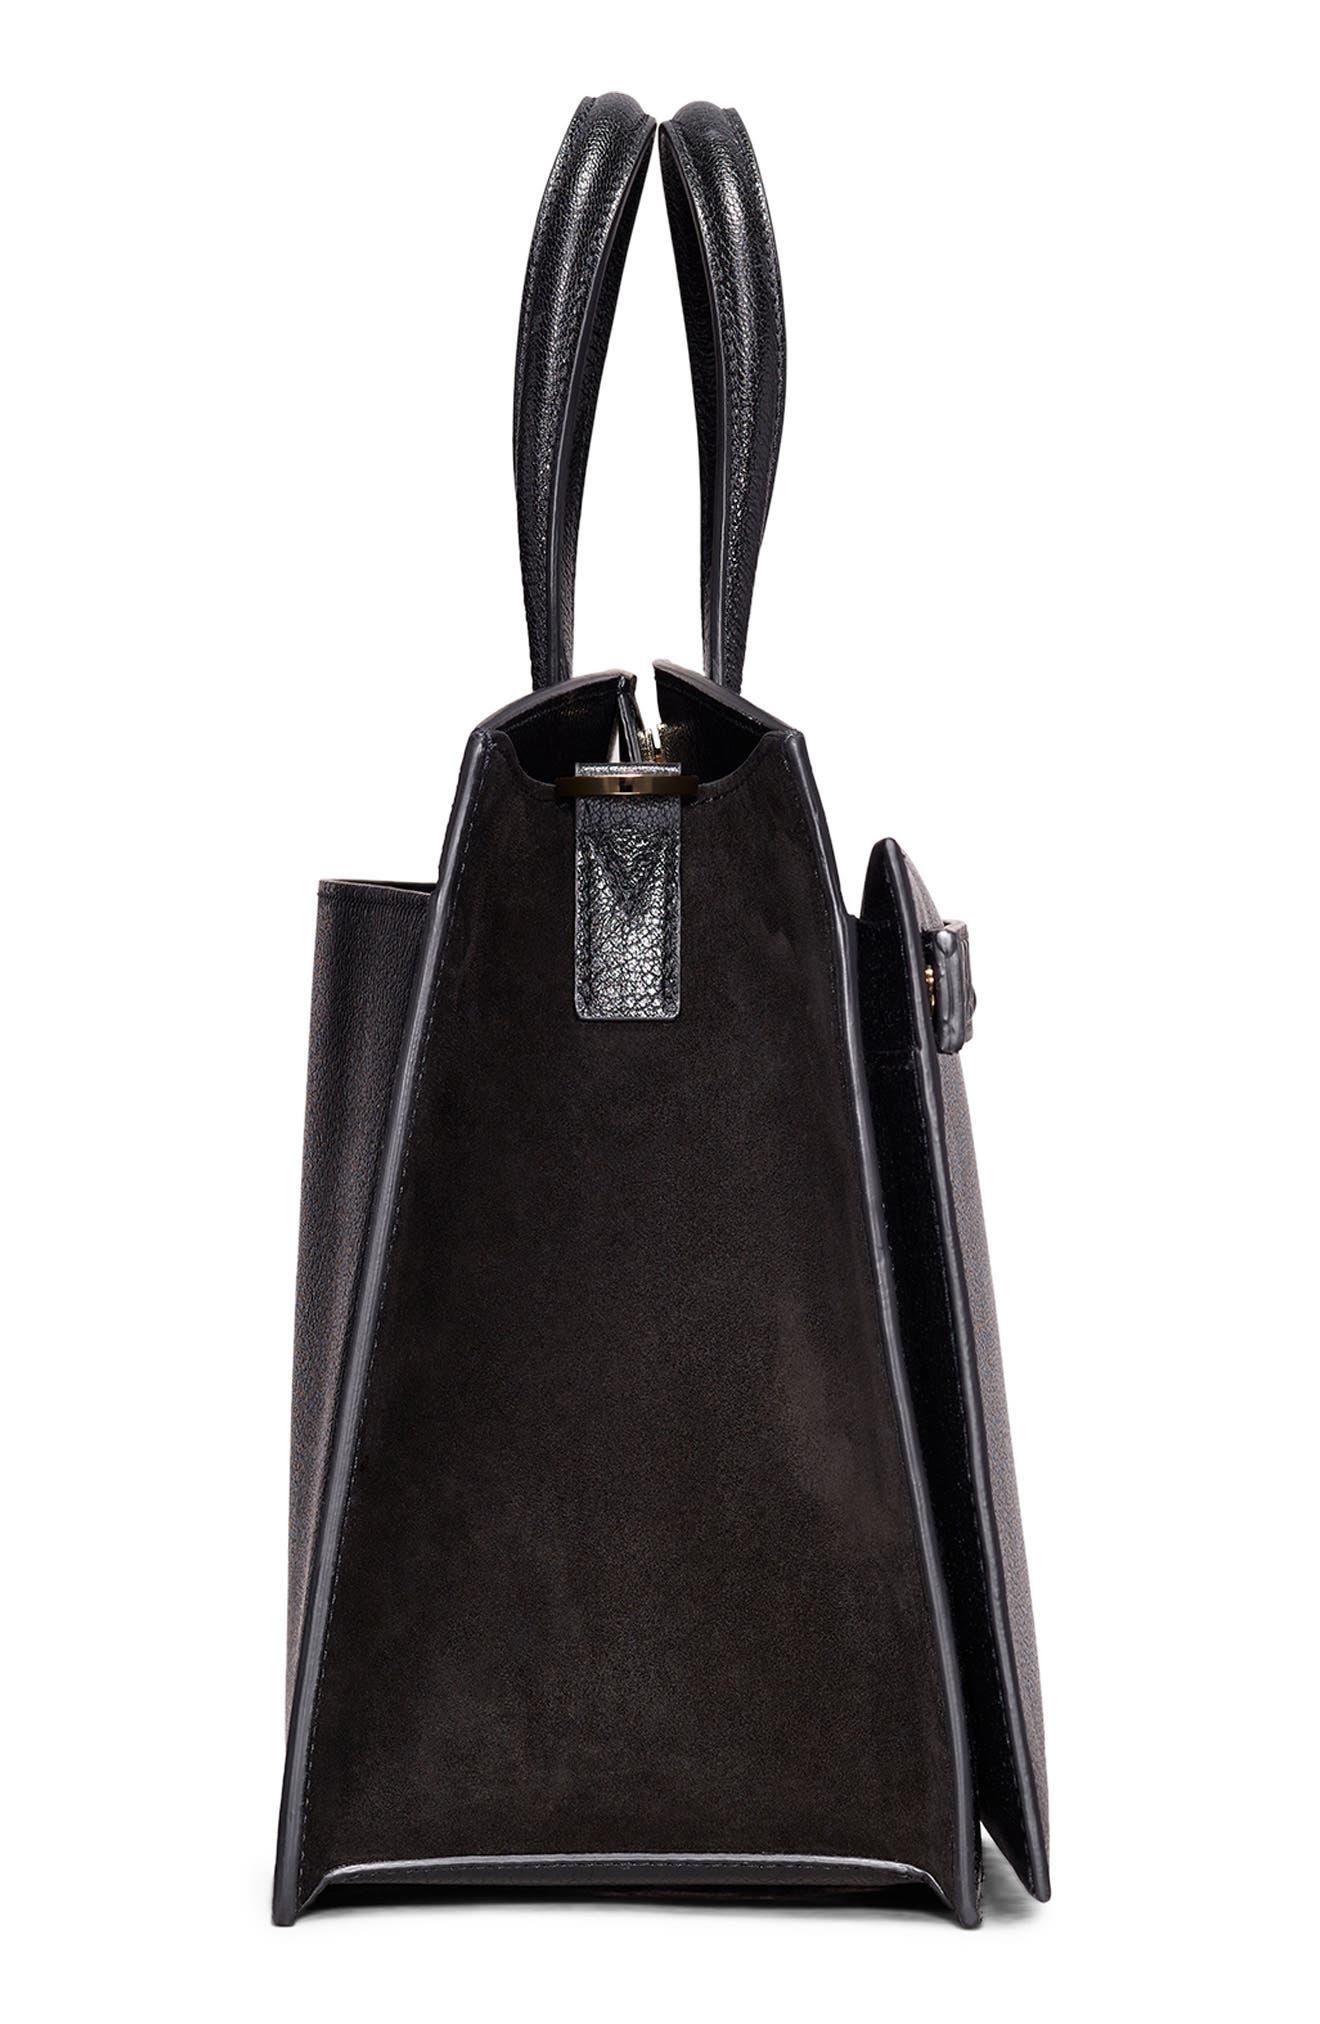 Mcm Totes Medium Milano Leather Tote